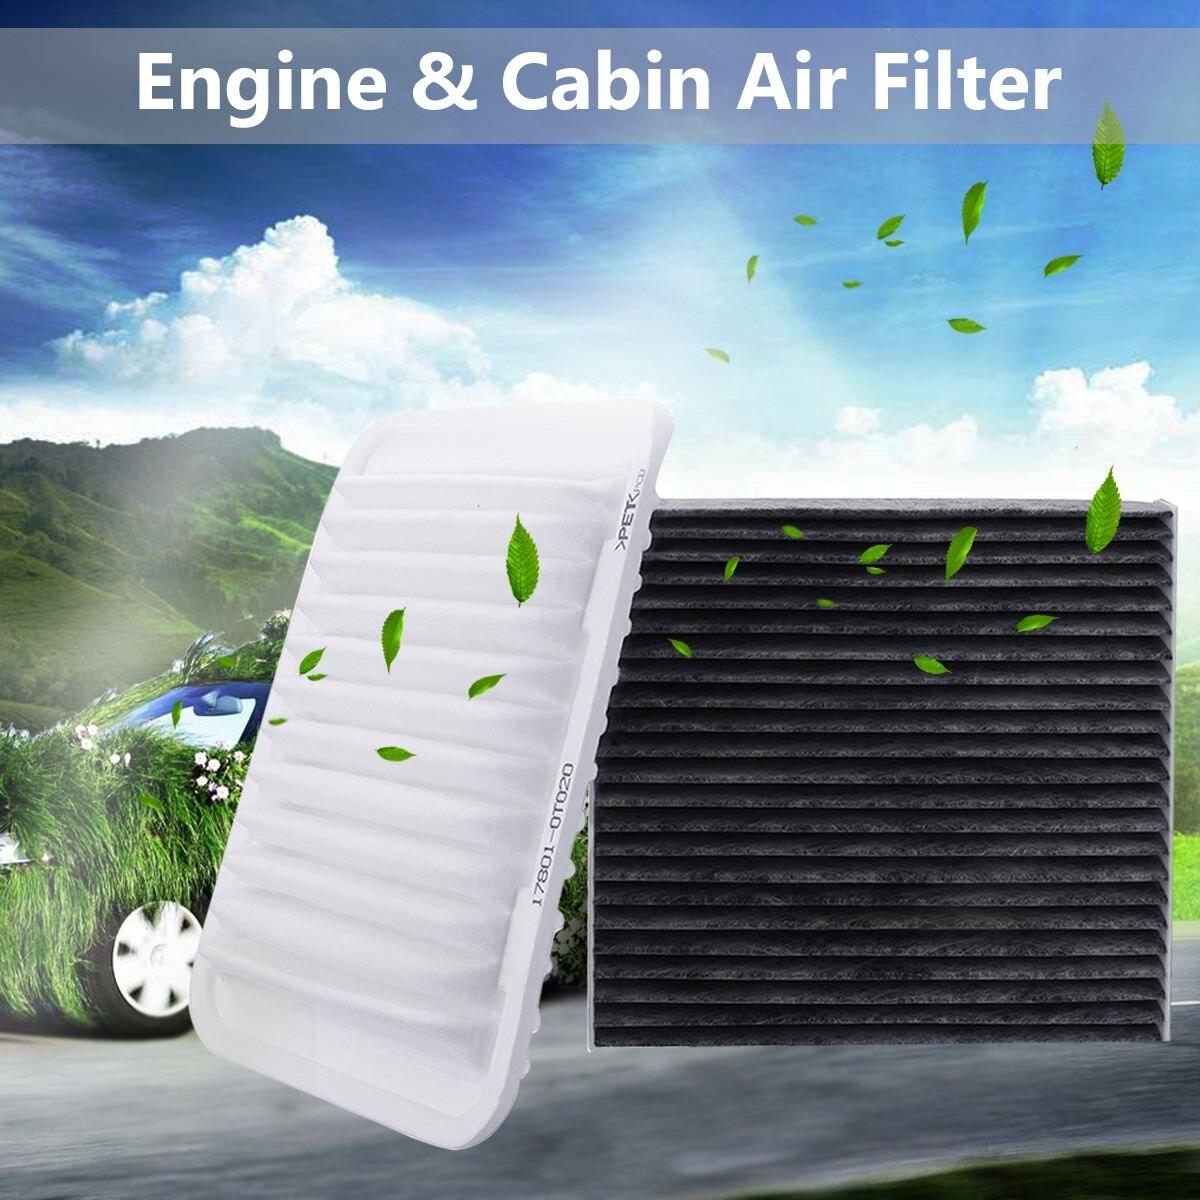 2 ชิ้นเครื่องยนต์กรองอากาศ Cabin Cabin Air Filter สำหรับ Toyota Corolla Yaris Matrix 2008-2018 17801-21050 87139-YZZ0 87139-50100